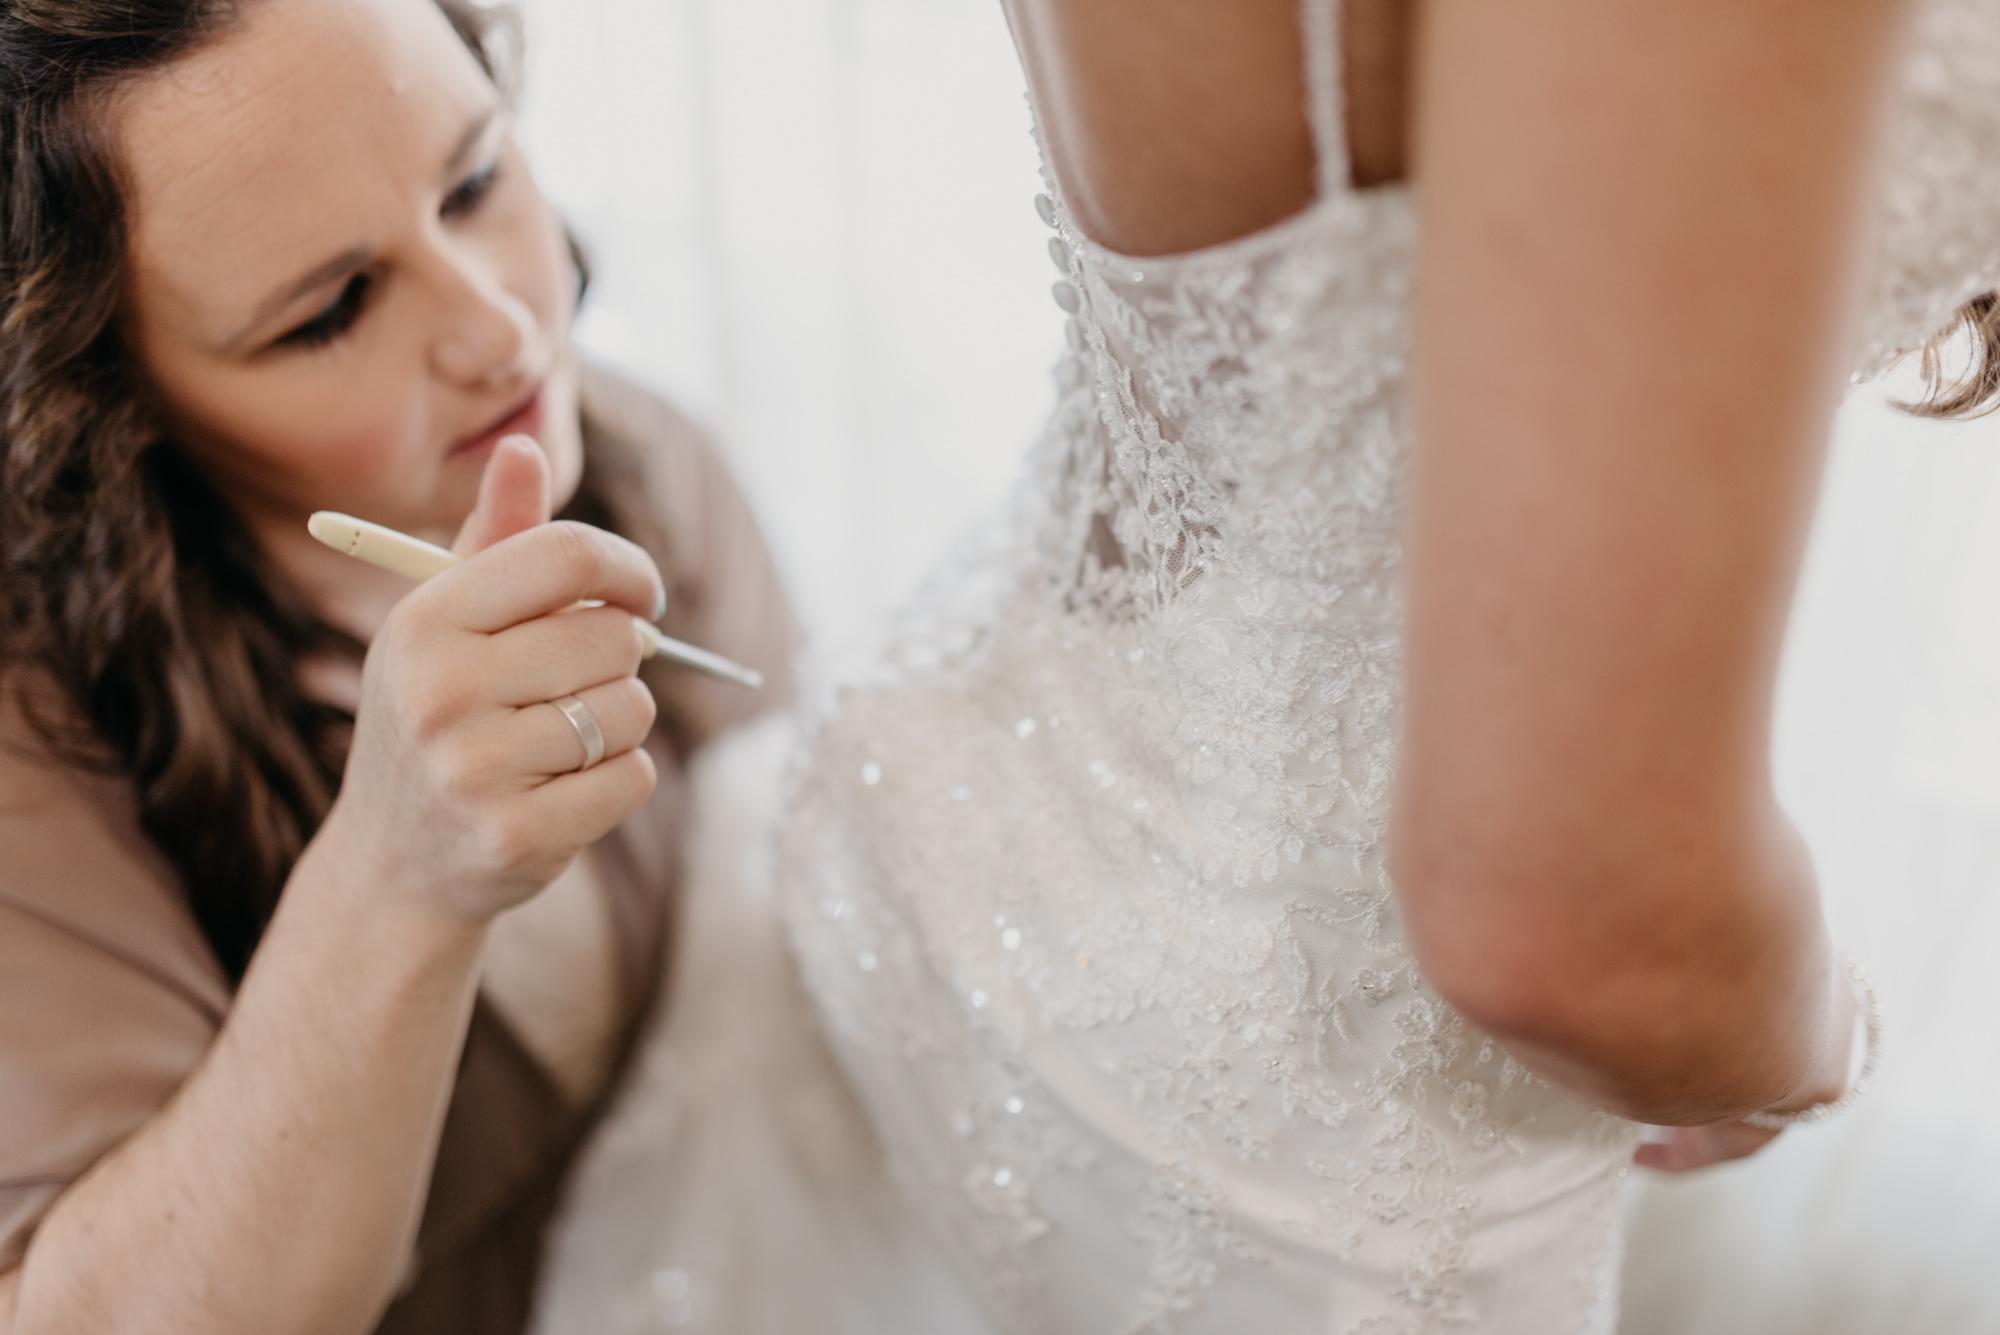 22-Getting-Ready-barn-kestrel-wedding-photos-grey-suit.jpg